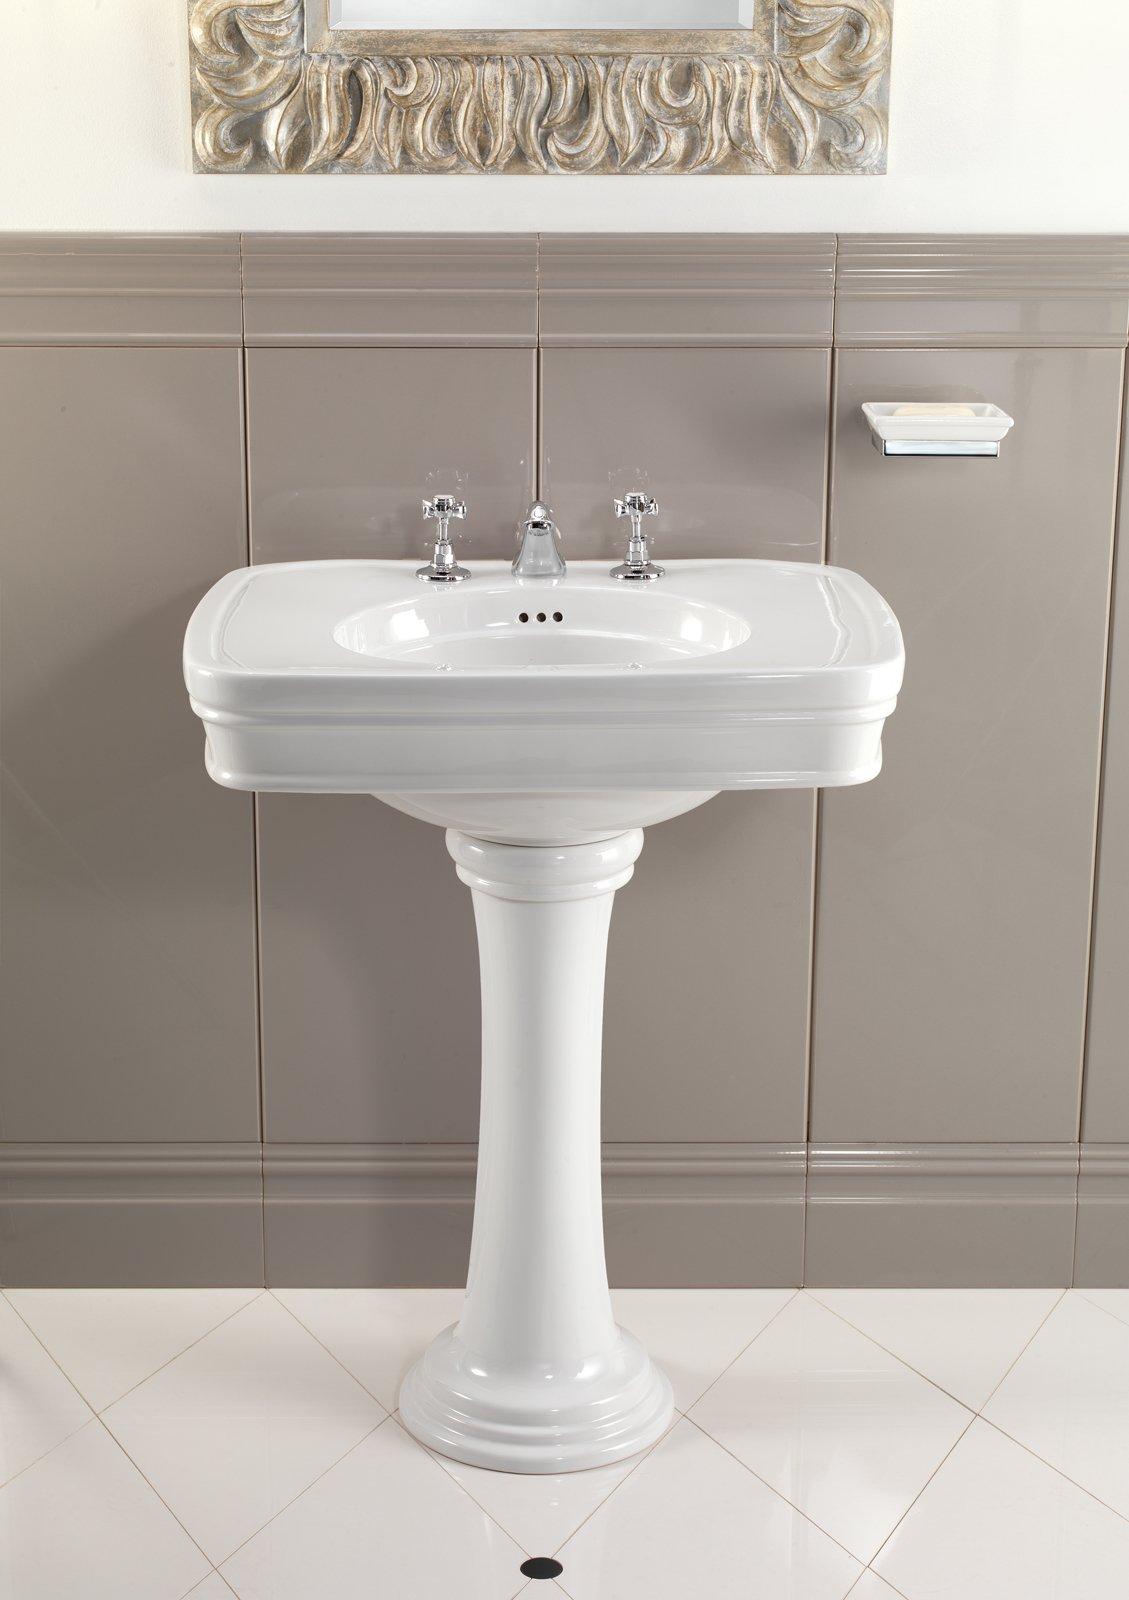 Lavabi classici lo stile anche in bagno cose di casa - Piastrelle in inglese ...